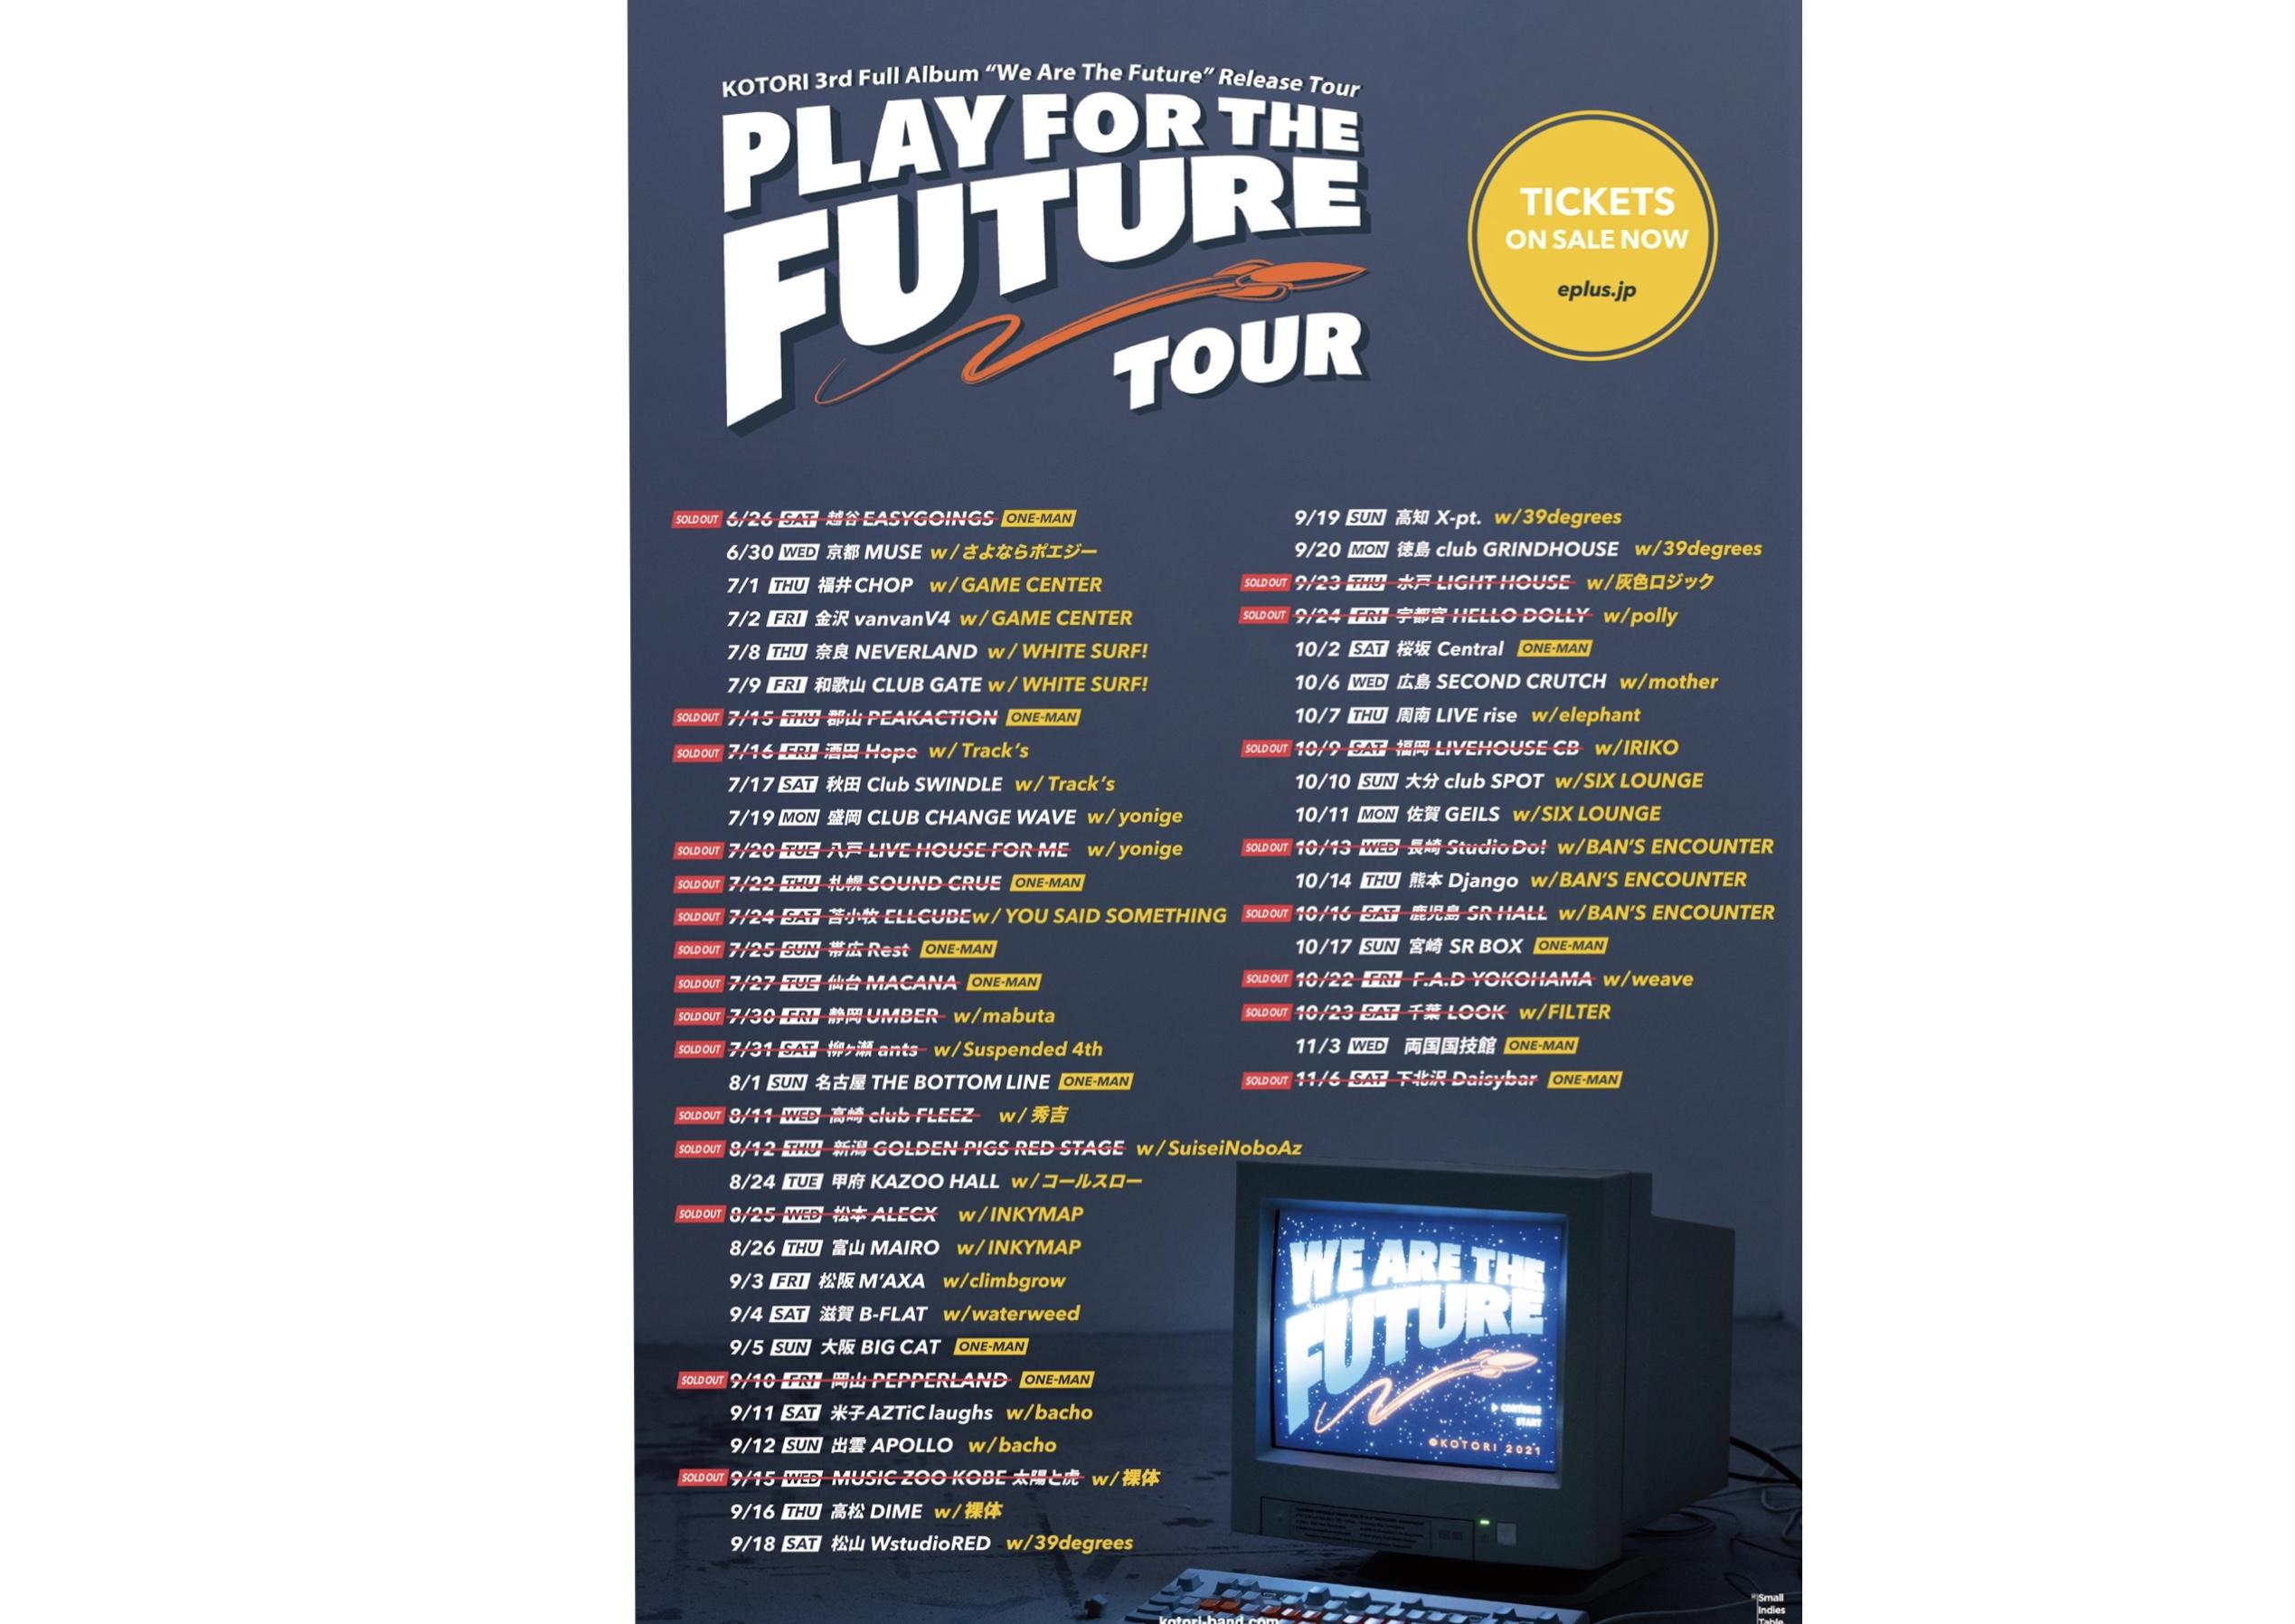 KOTORI PLAY FOR THE FUTURE TOUR